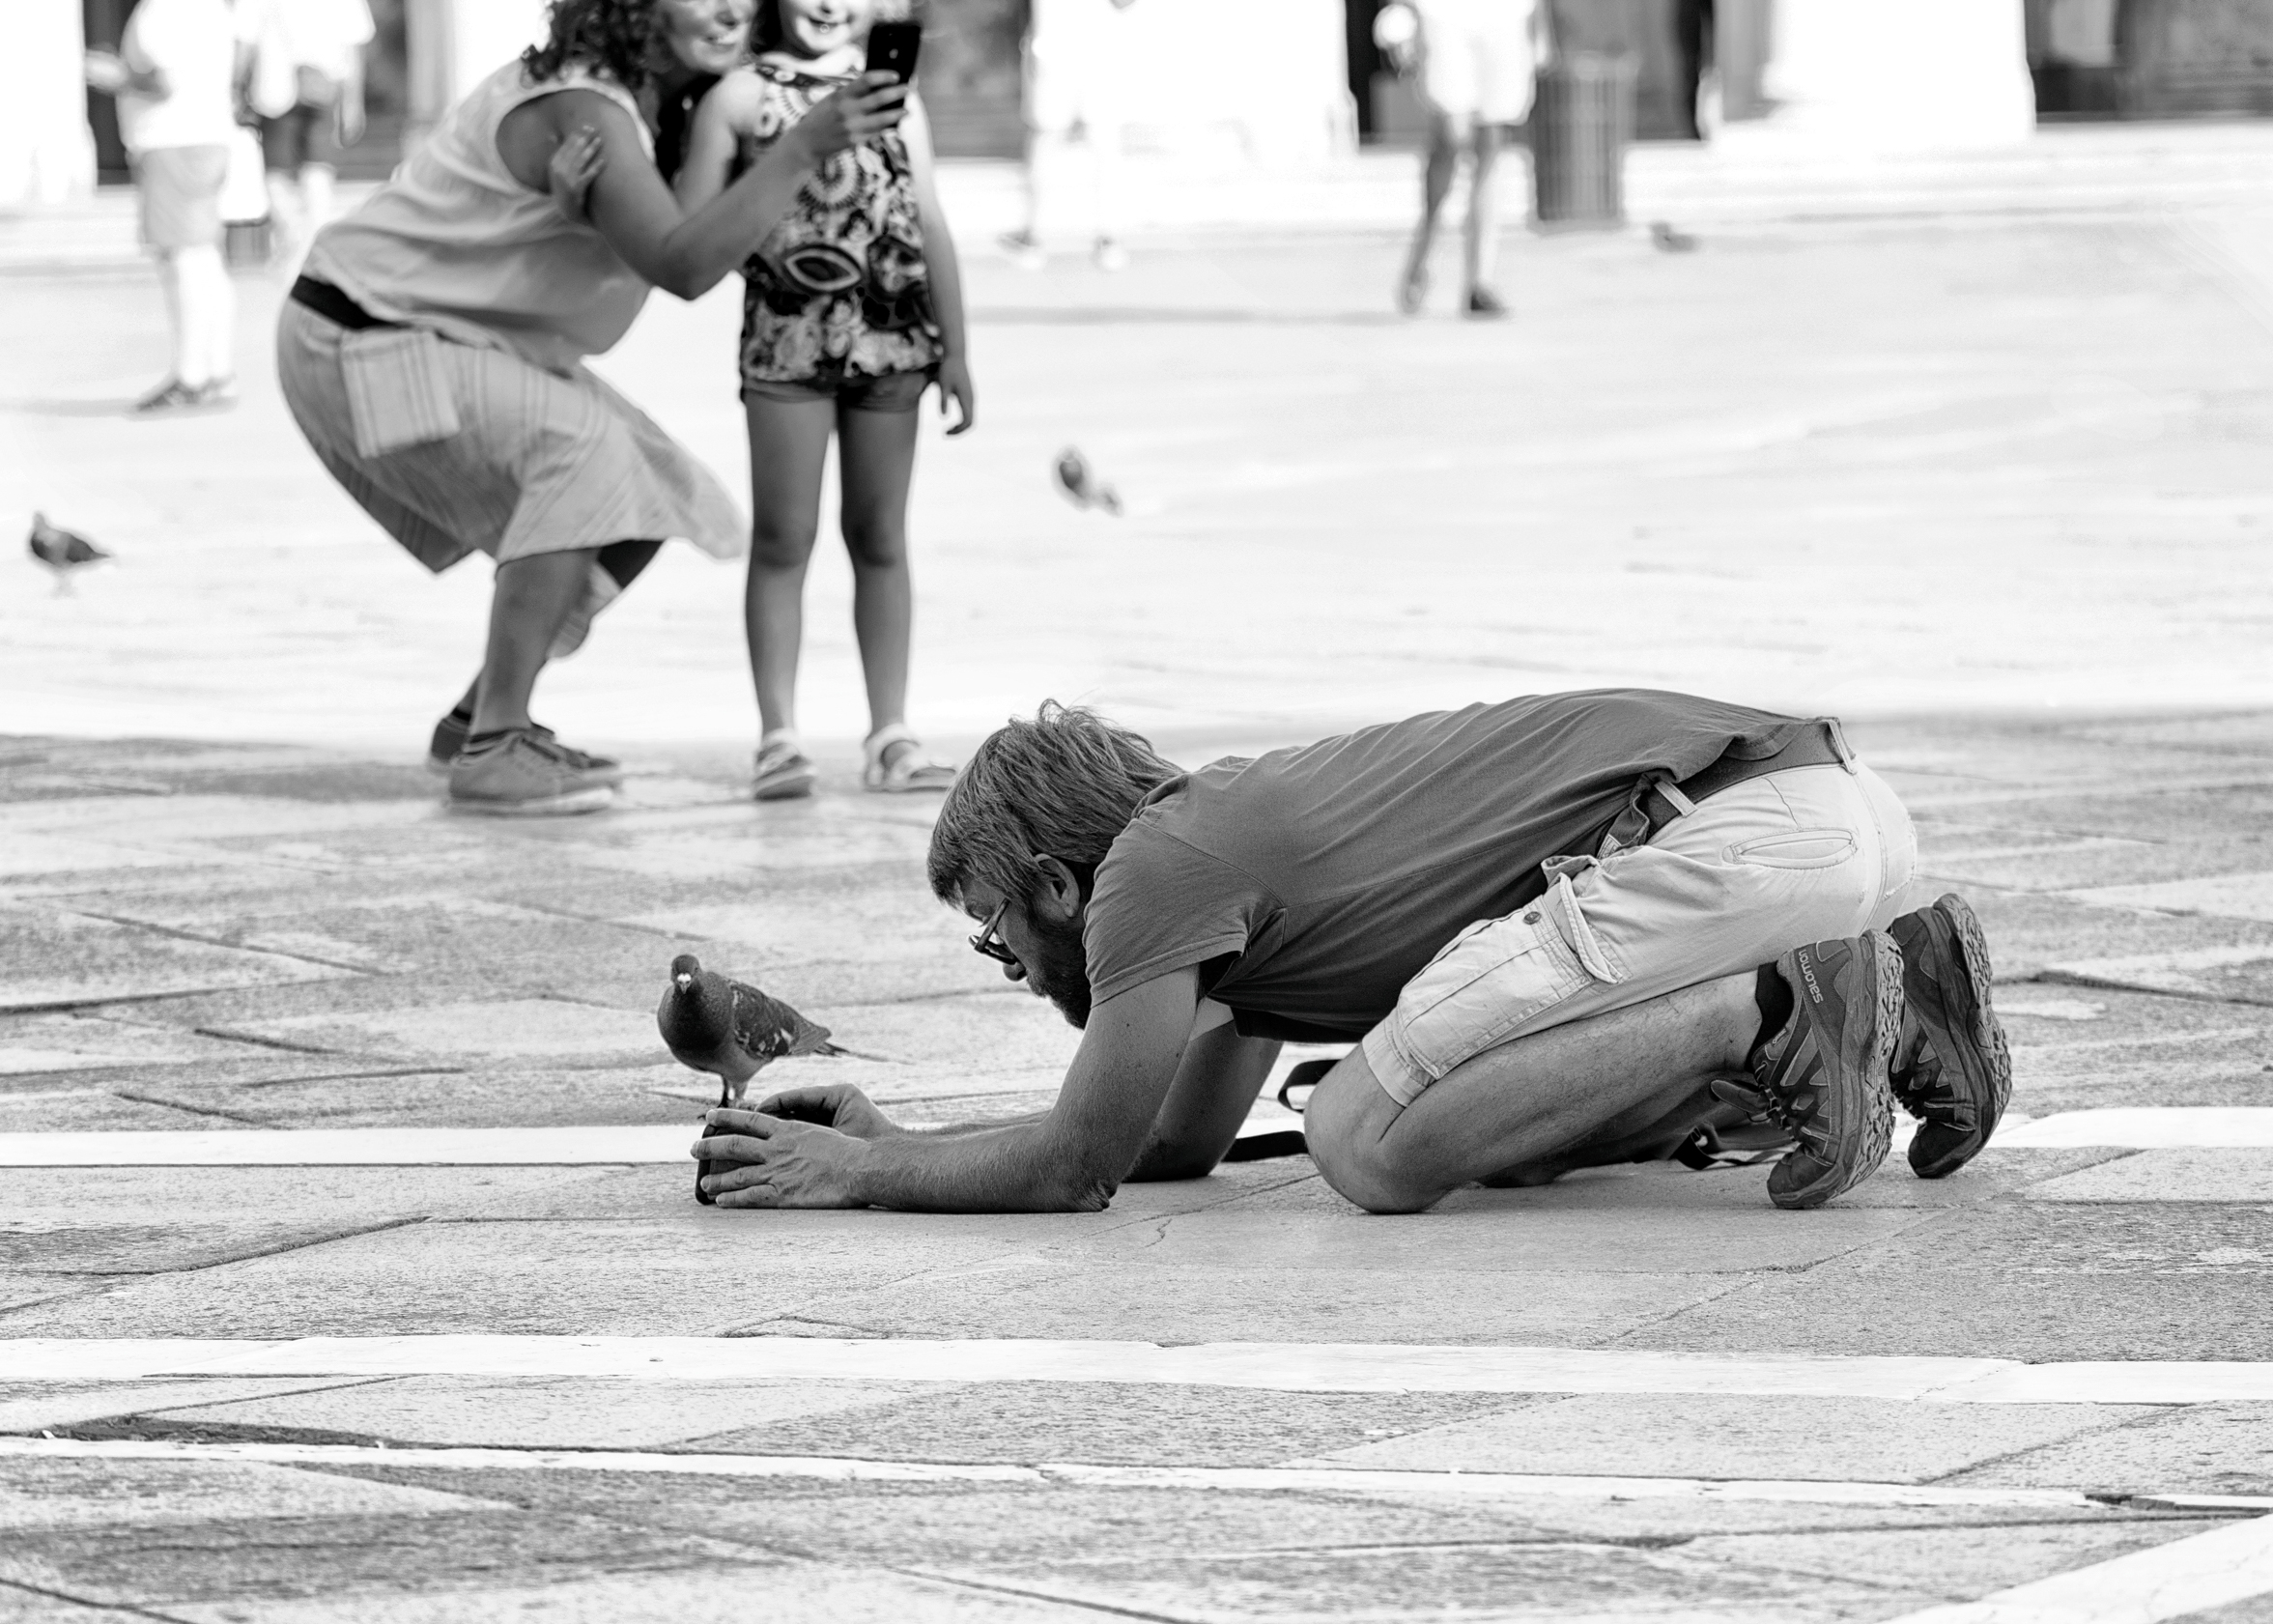 Venice street photography Pigeon posing Aleksandra Rowicka